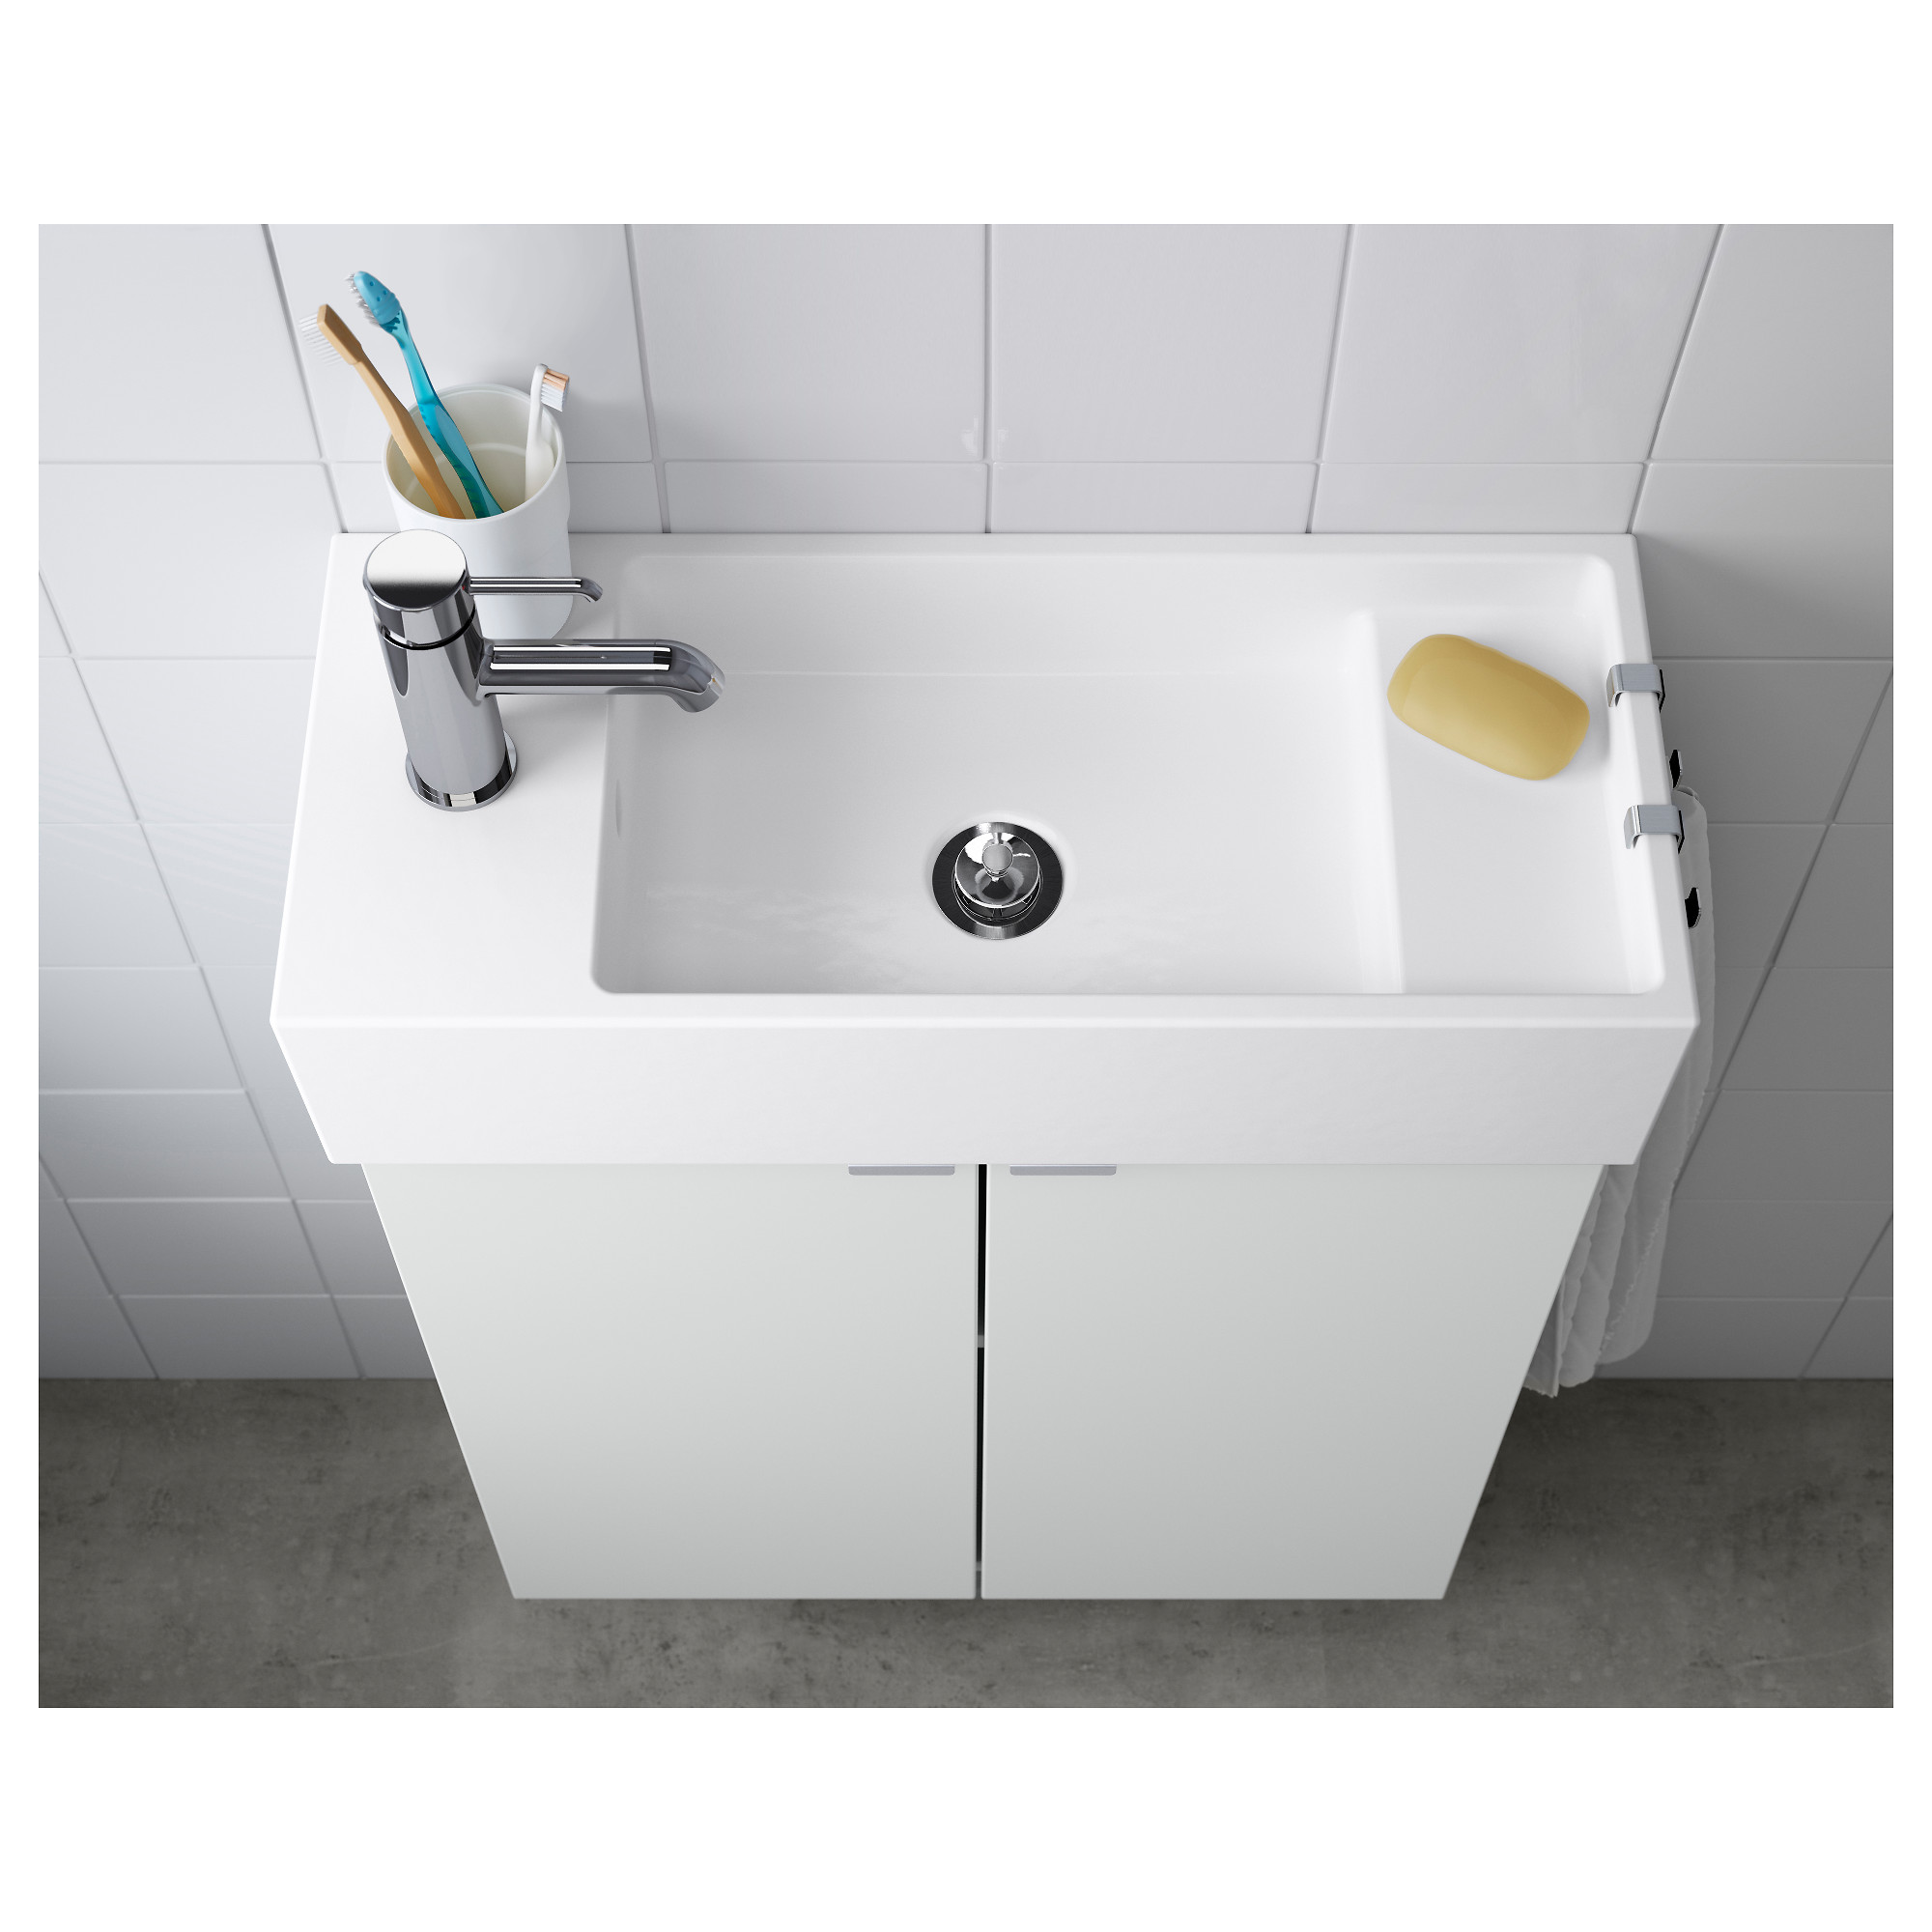 Lillangen Ikea Modular Wash Basins Komnit Furniture